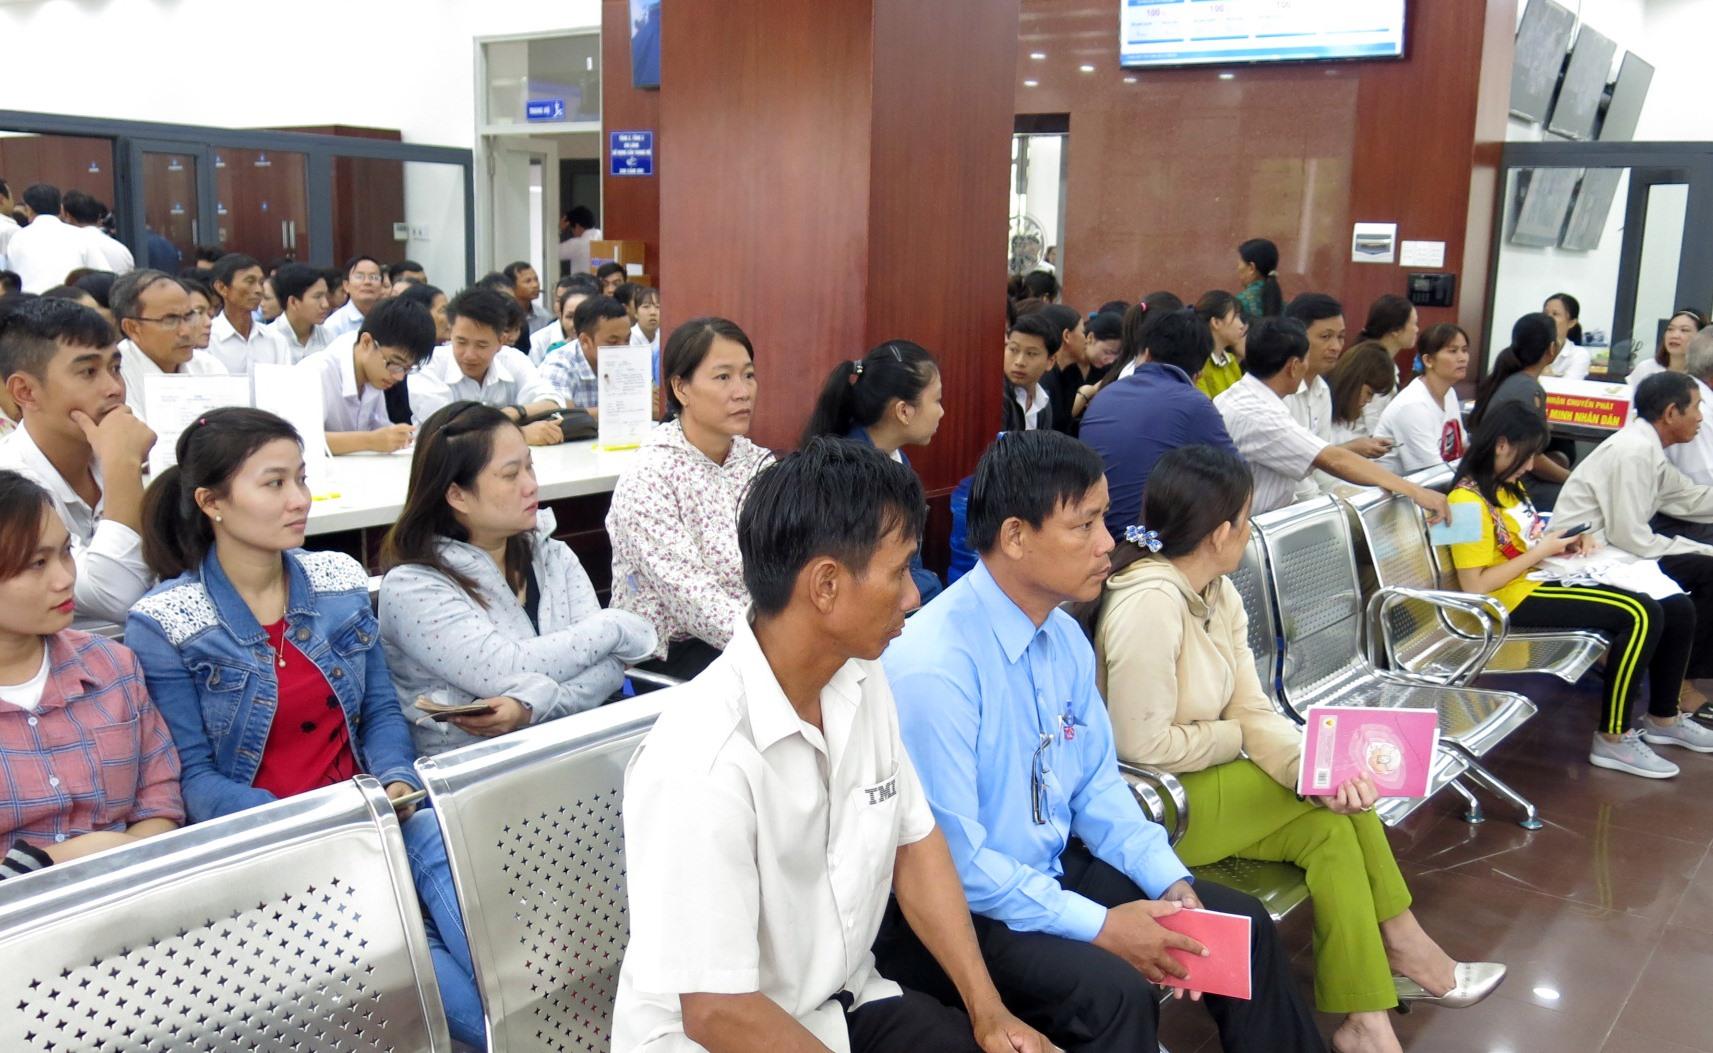 Người dân đến thực hiện các thủ tục hành chính tại trung tâm hành chính tỉnh. Ảnh:T.D